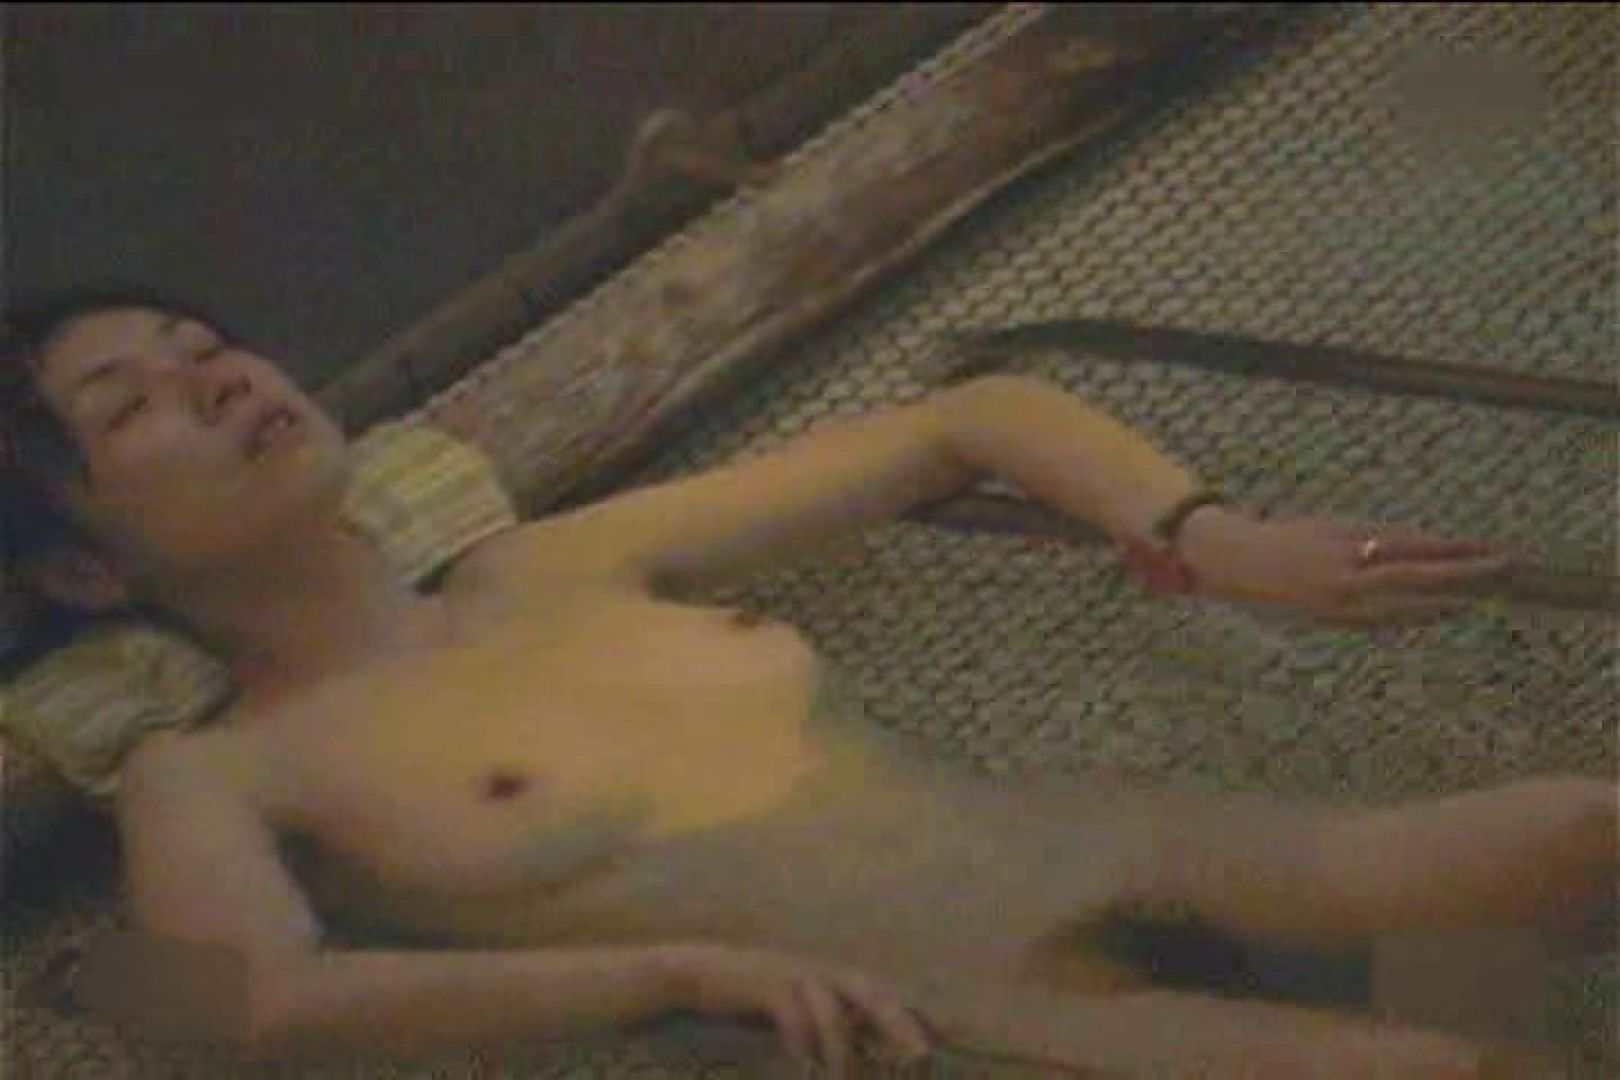 女体極楽癒しの湯 vol.7 OLの実態 盗み撮りSEX無修正画像 36pic 27